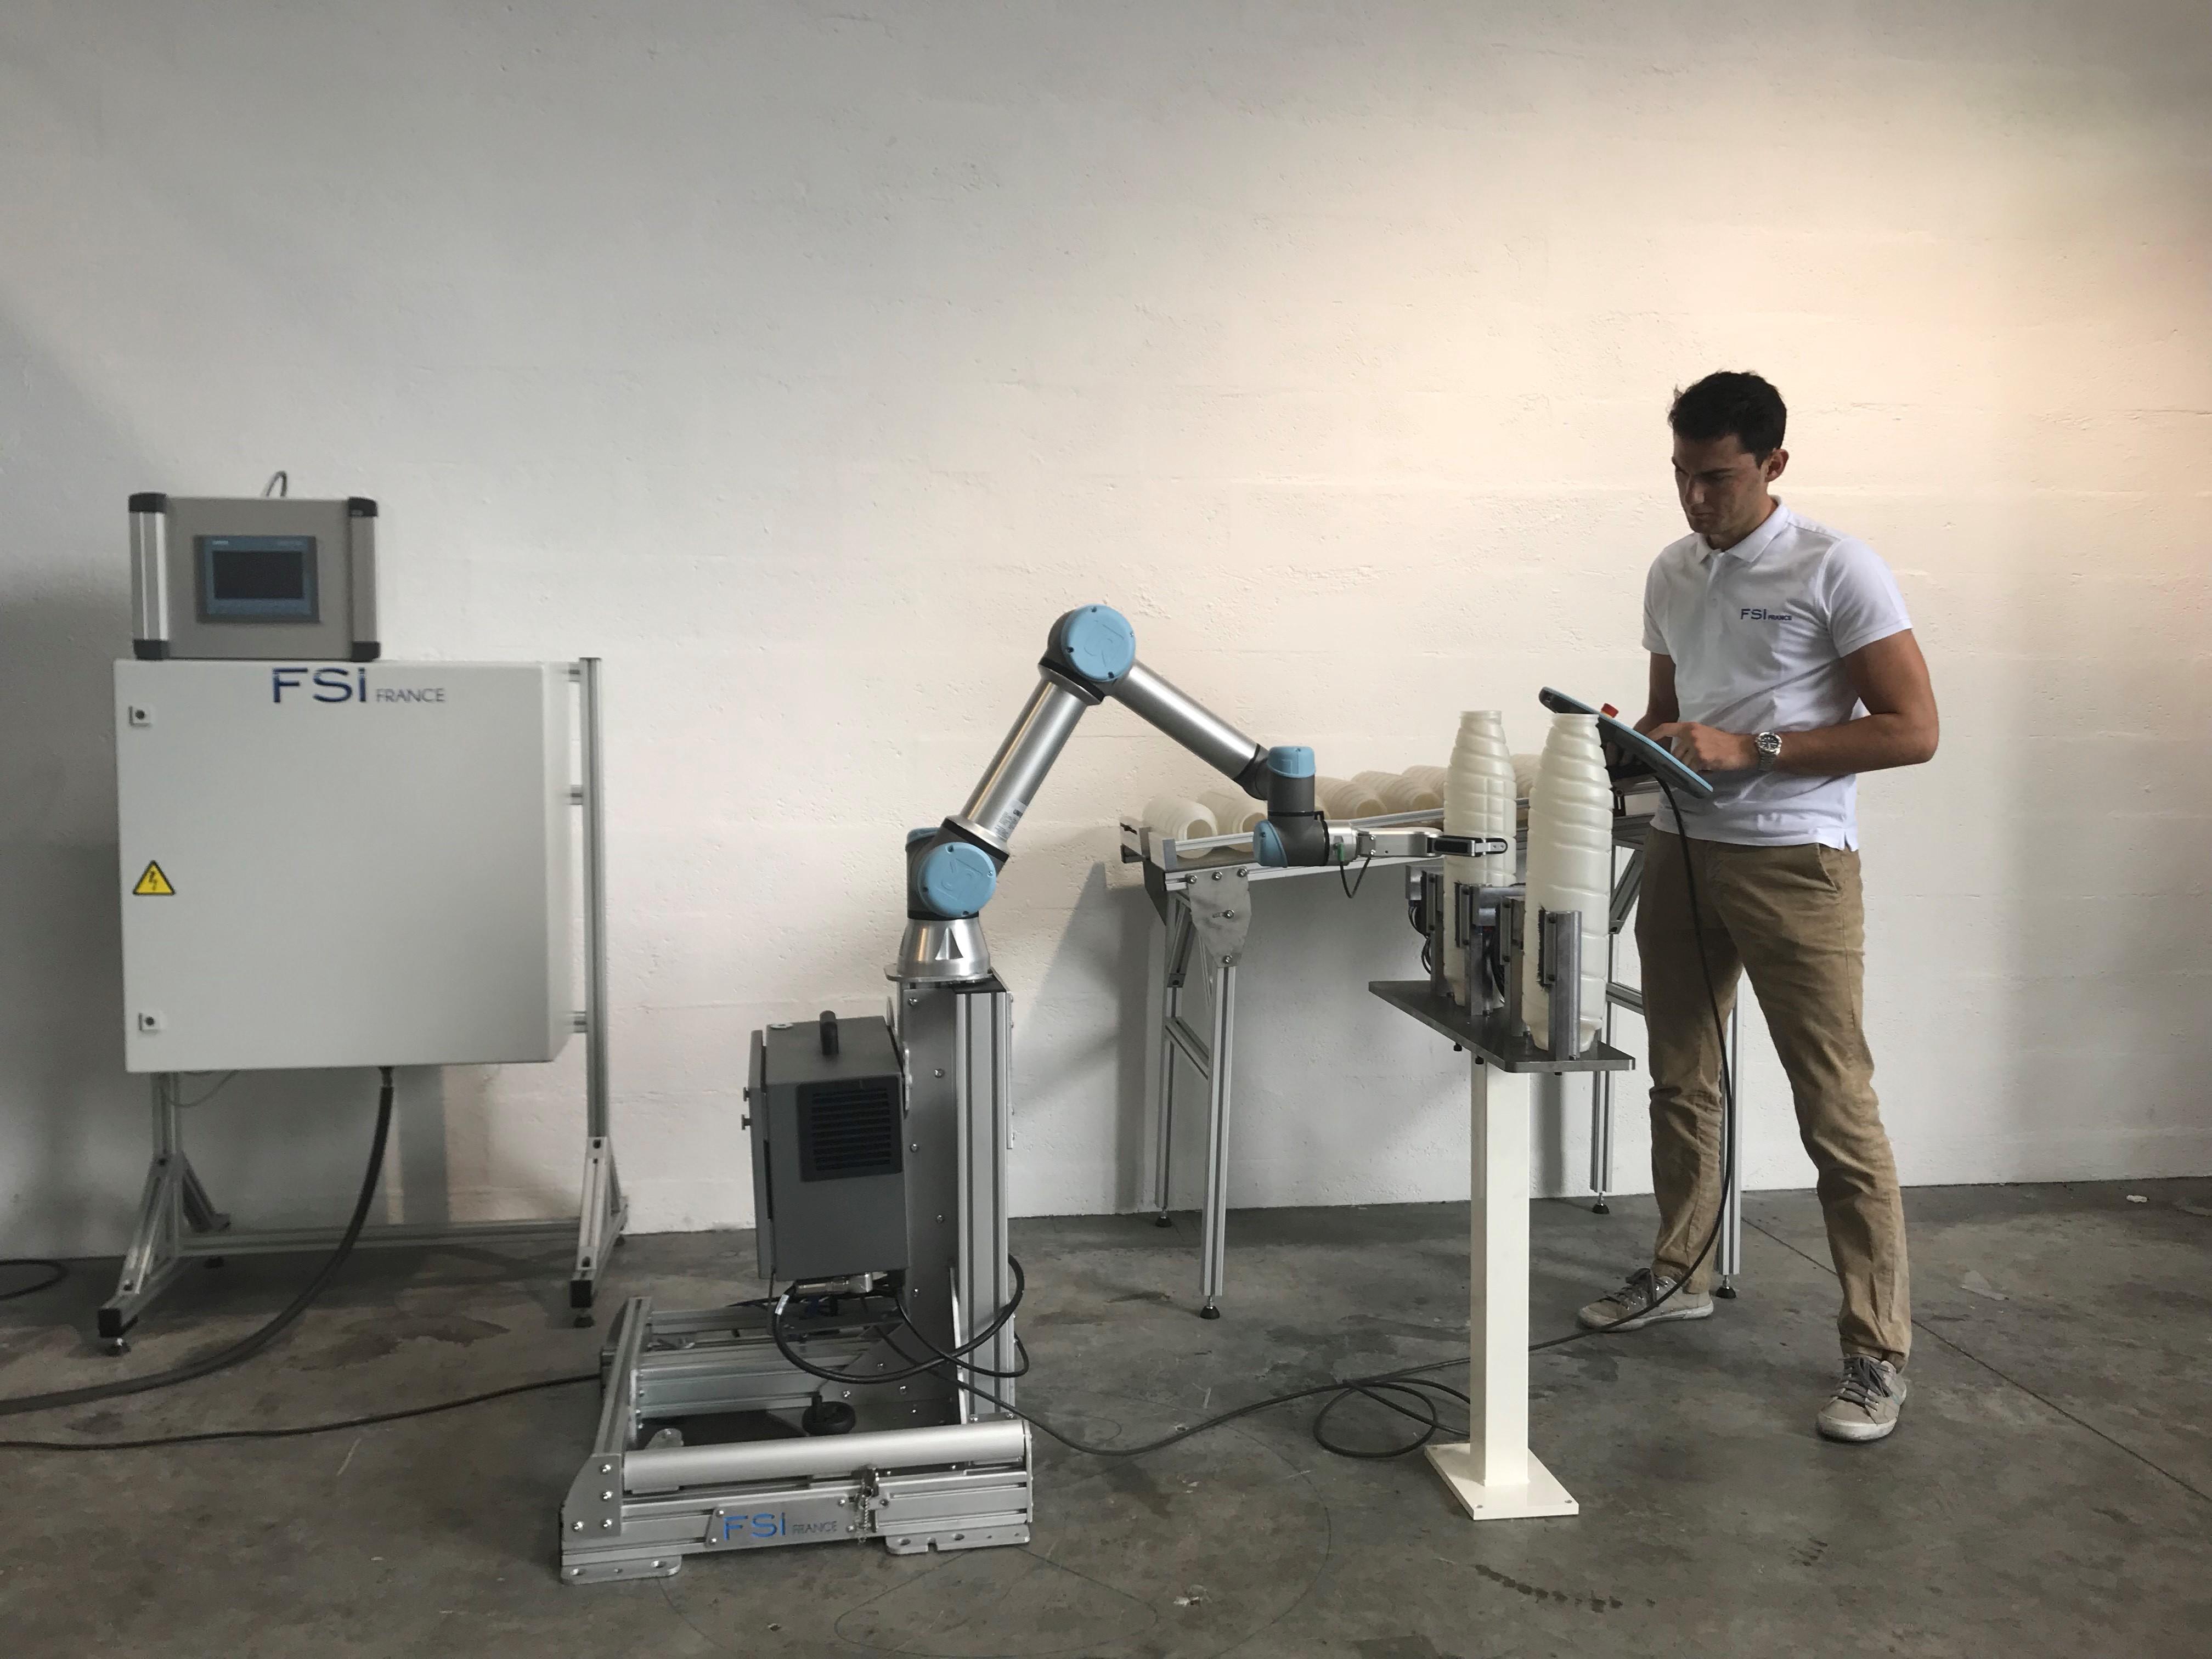 Ouvrir l'image : «Remplissage de cartouches de toner avec robot»